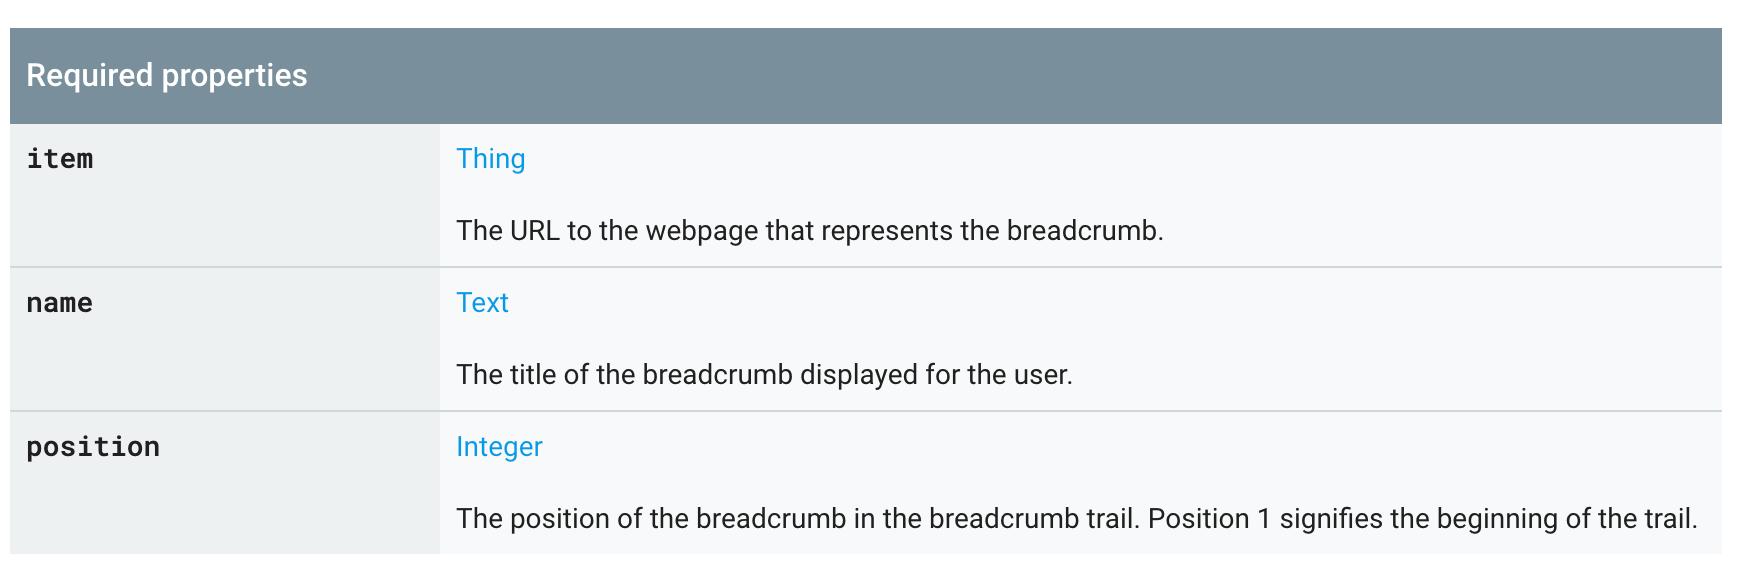 Breadcrumb Schema Properties